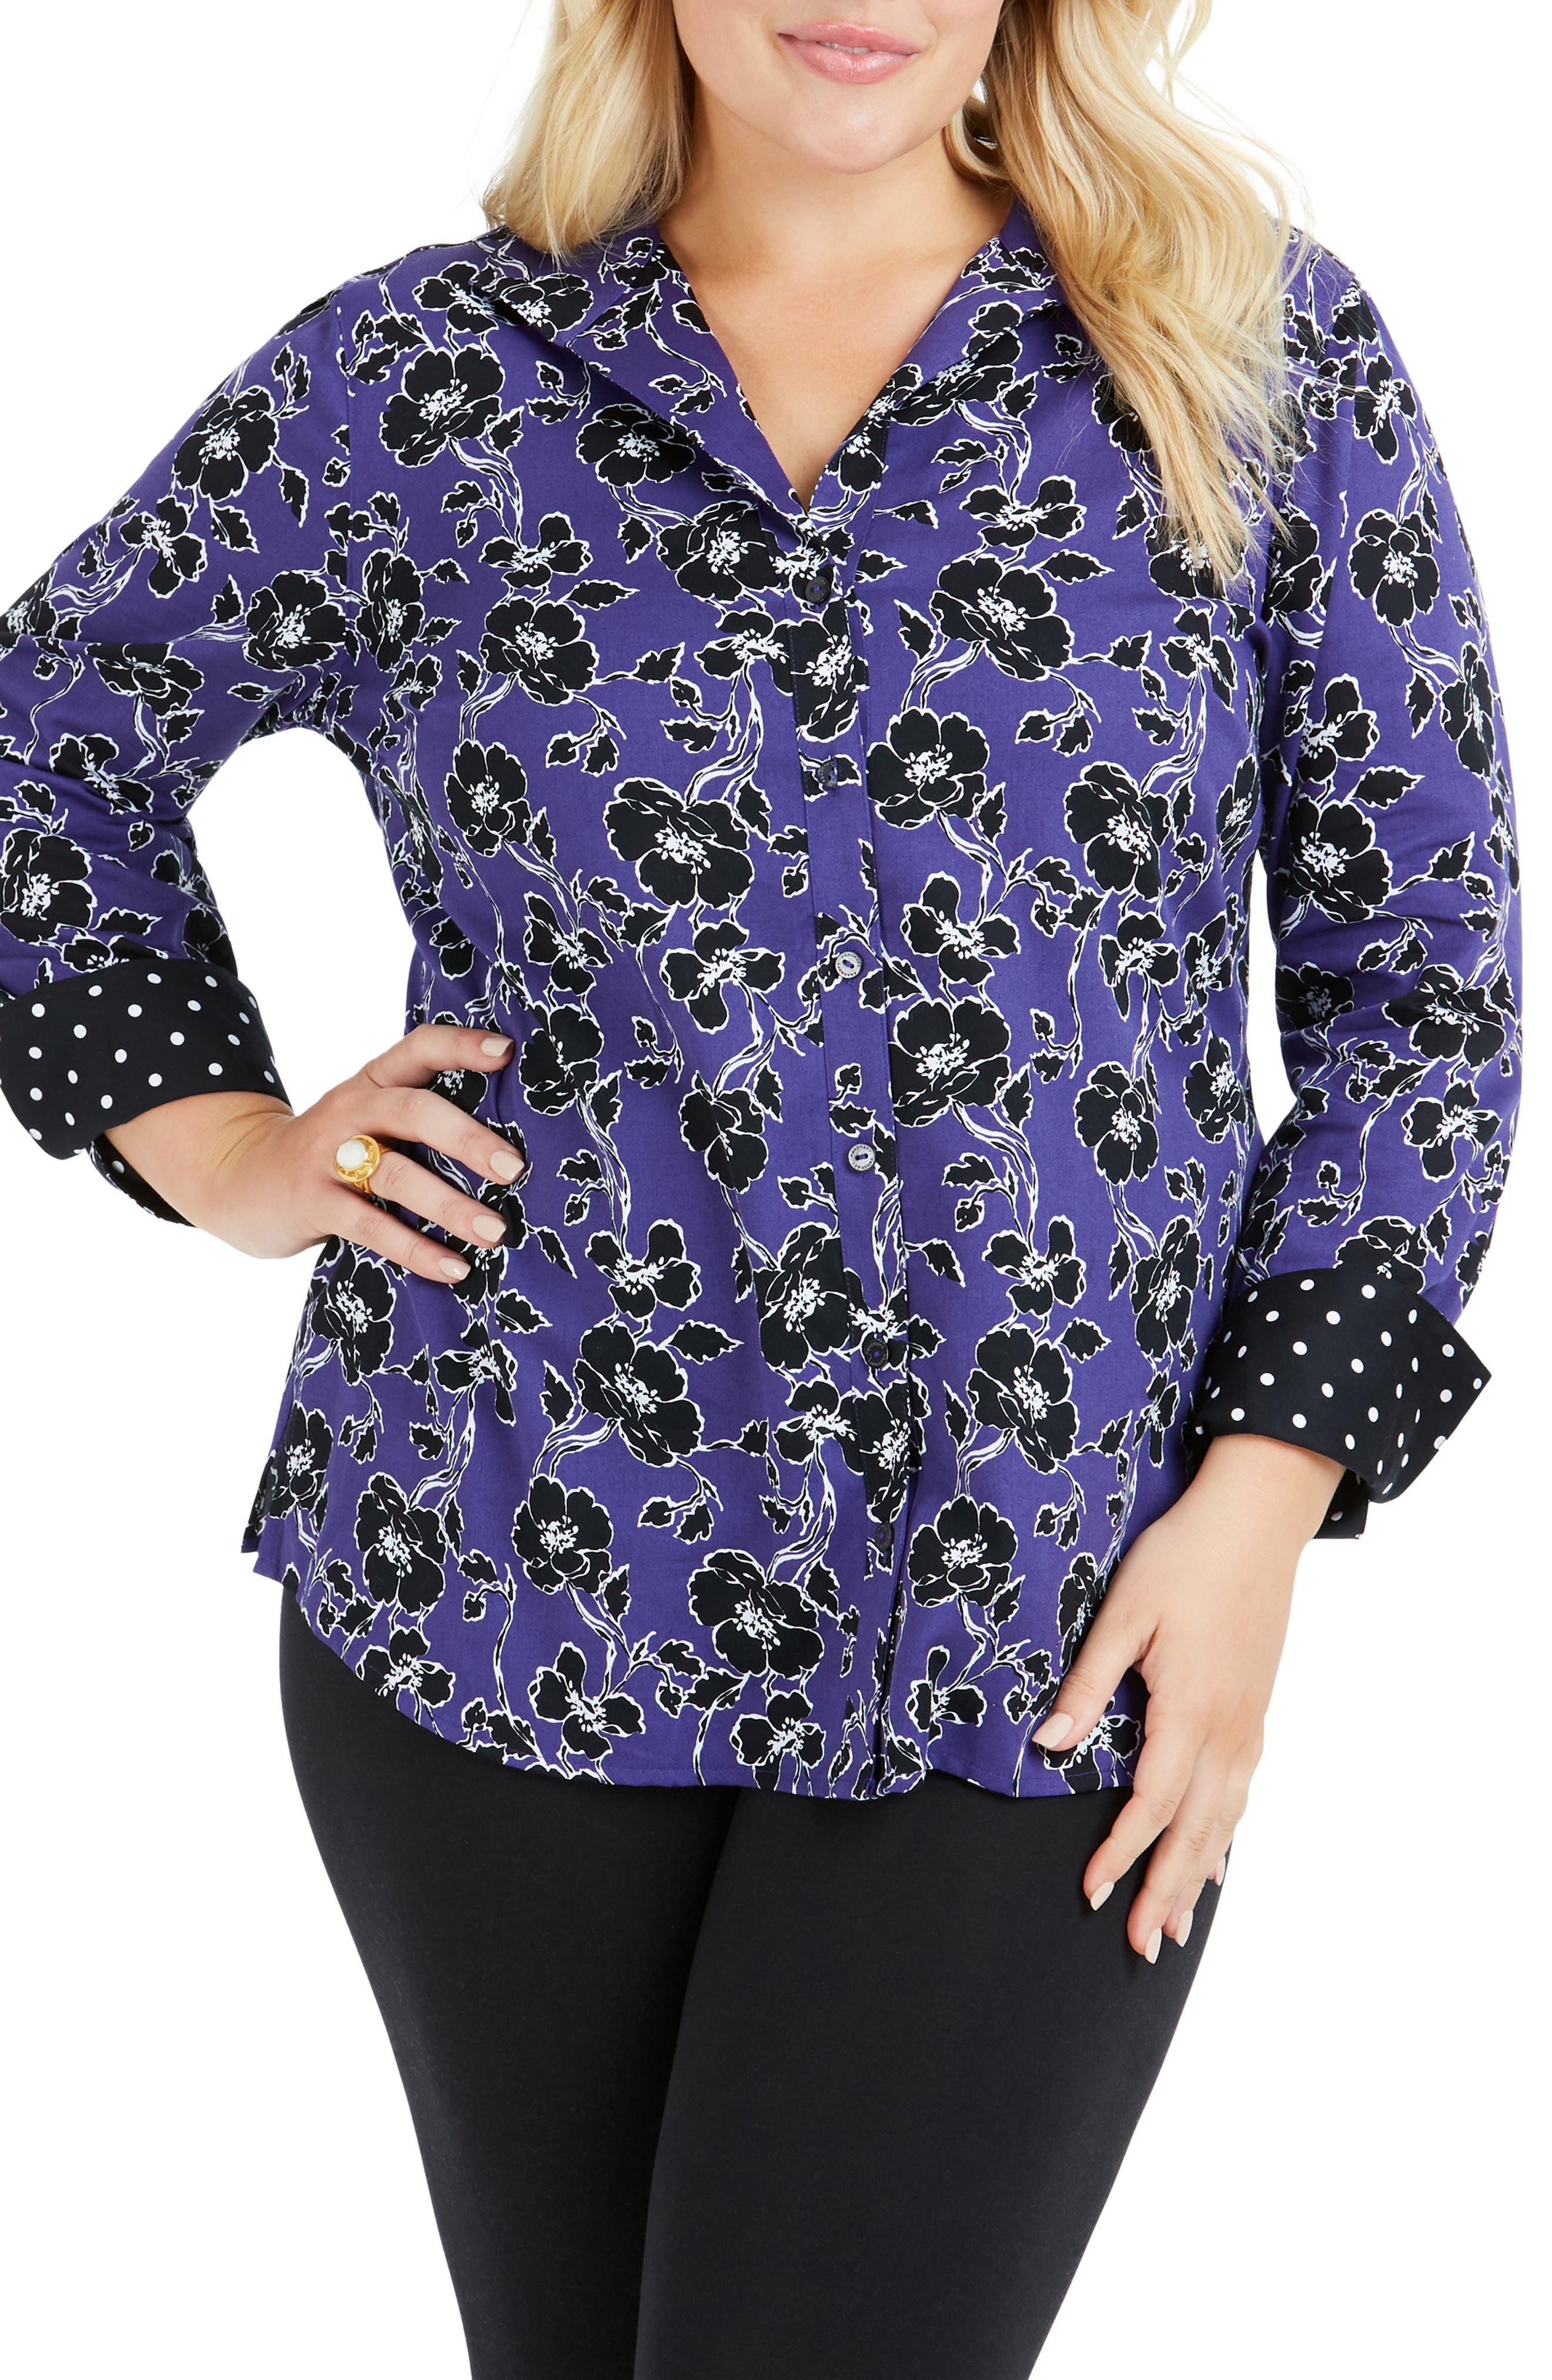 Rhonda Holiday Floral Shirt,                             Main thumbnail 1, color,                             REGAL PURPLE